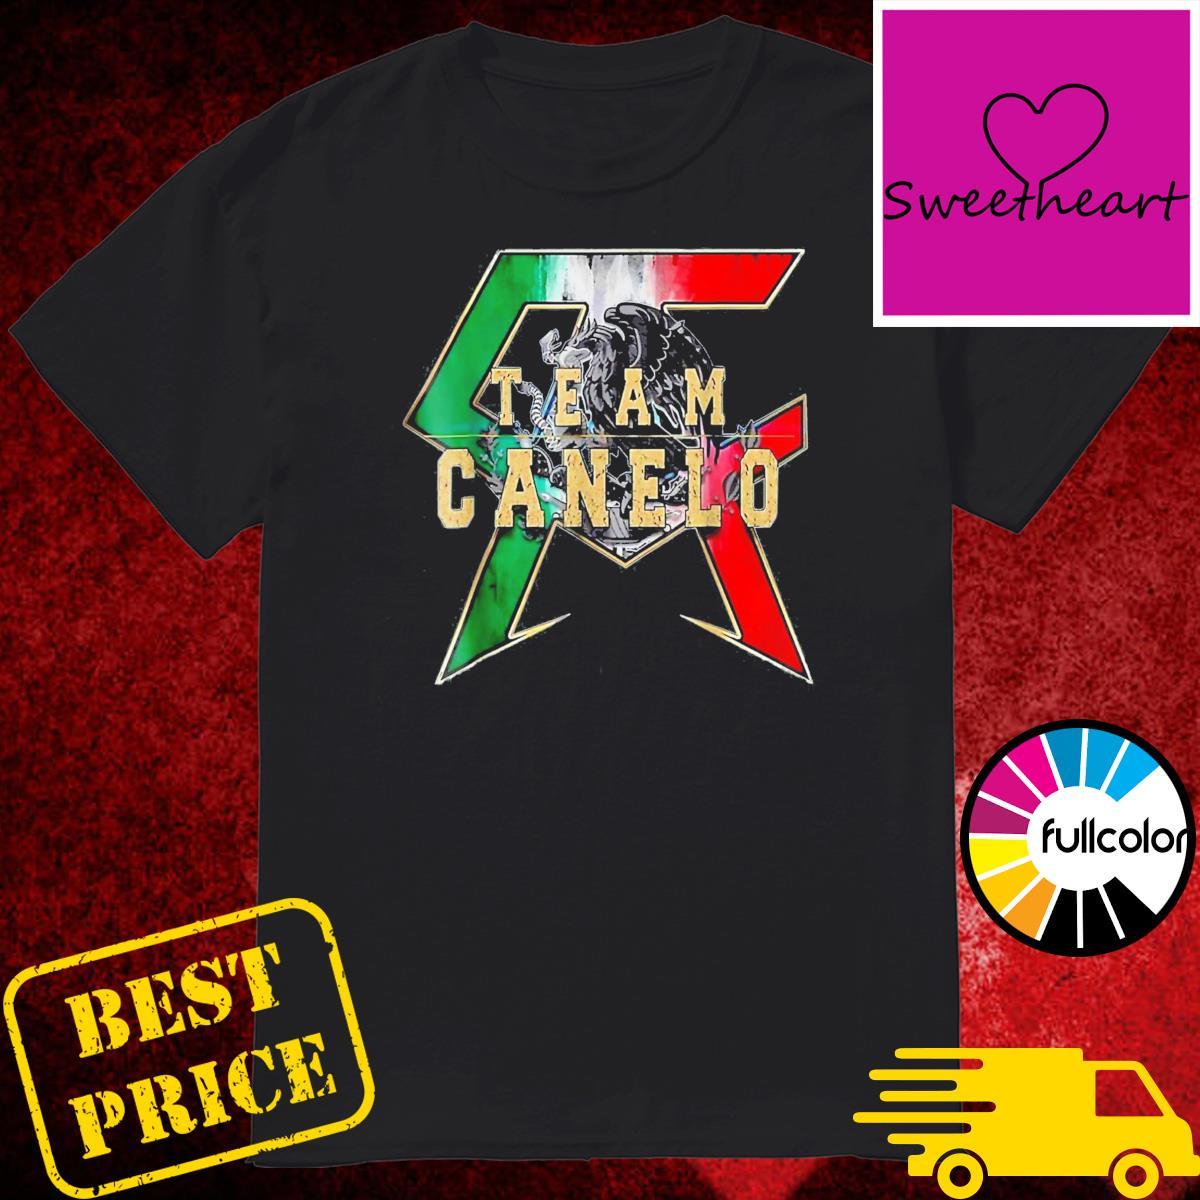 Canelos Saul Alvarez Boxer T-Shirt